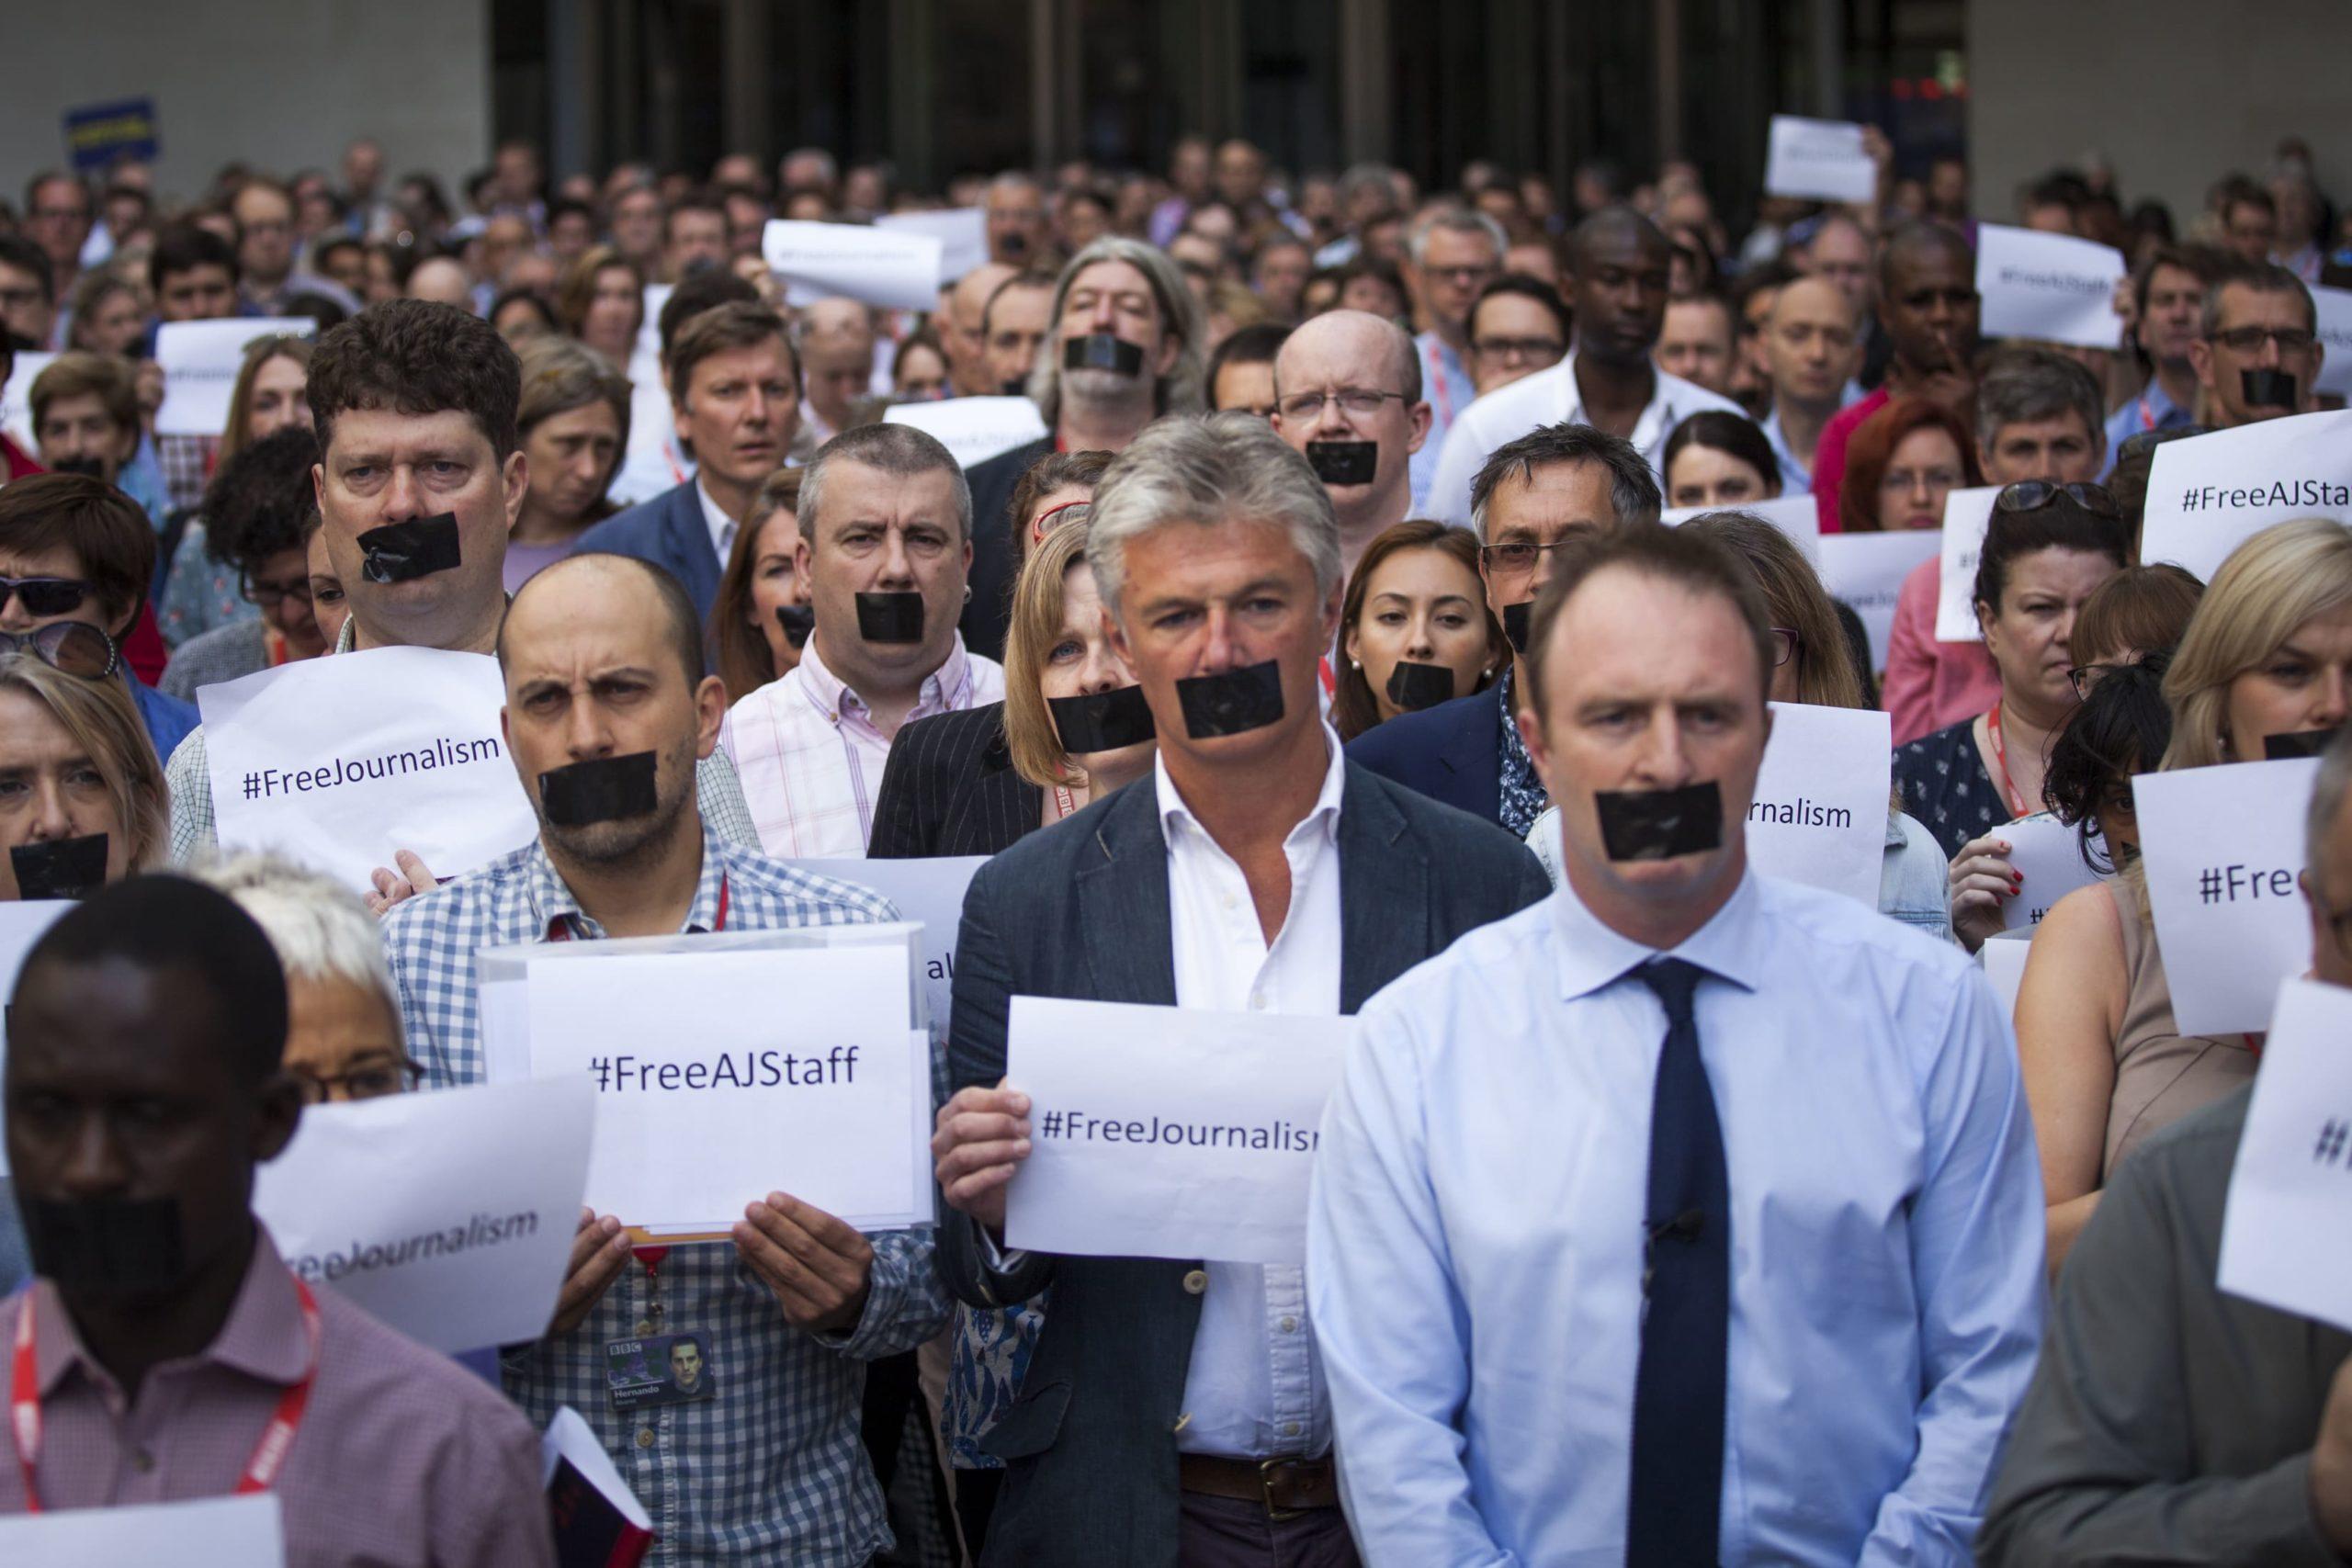 ¿Periodismo o activismo? La revolución en las redacciones de EEUU y América Latina